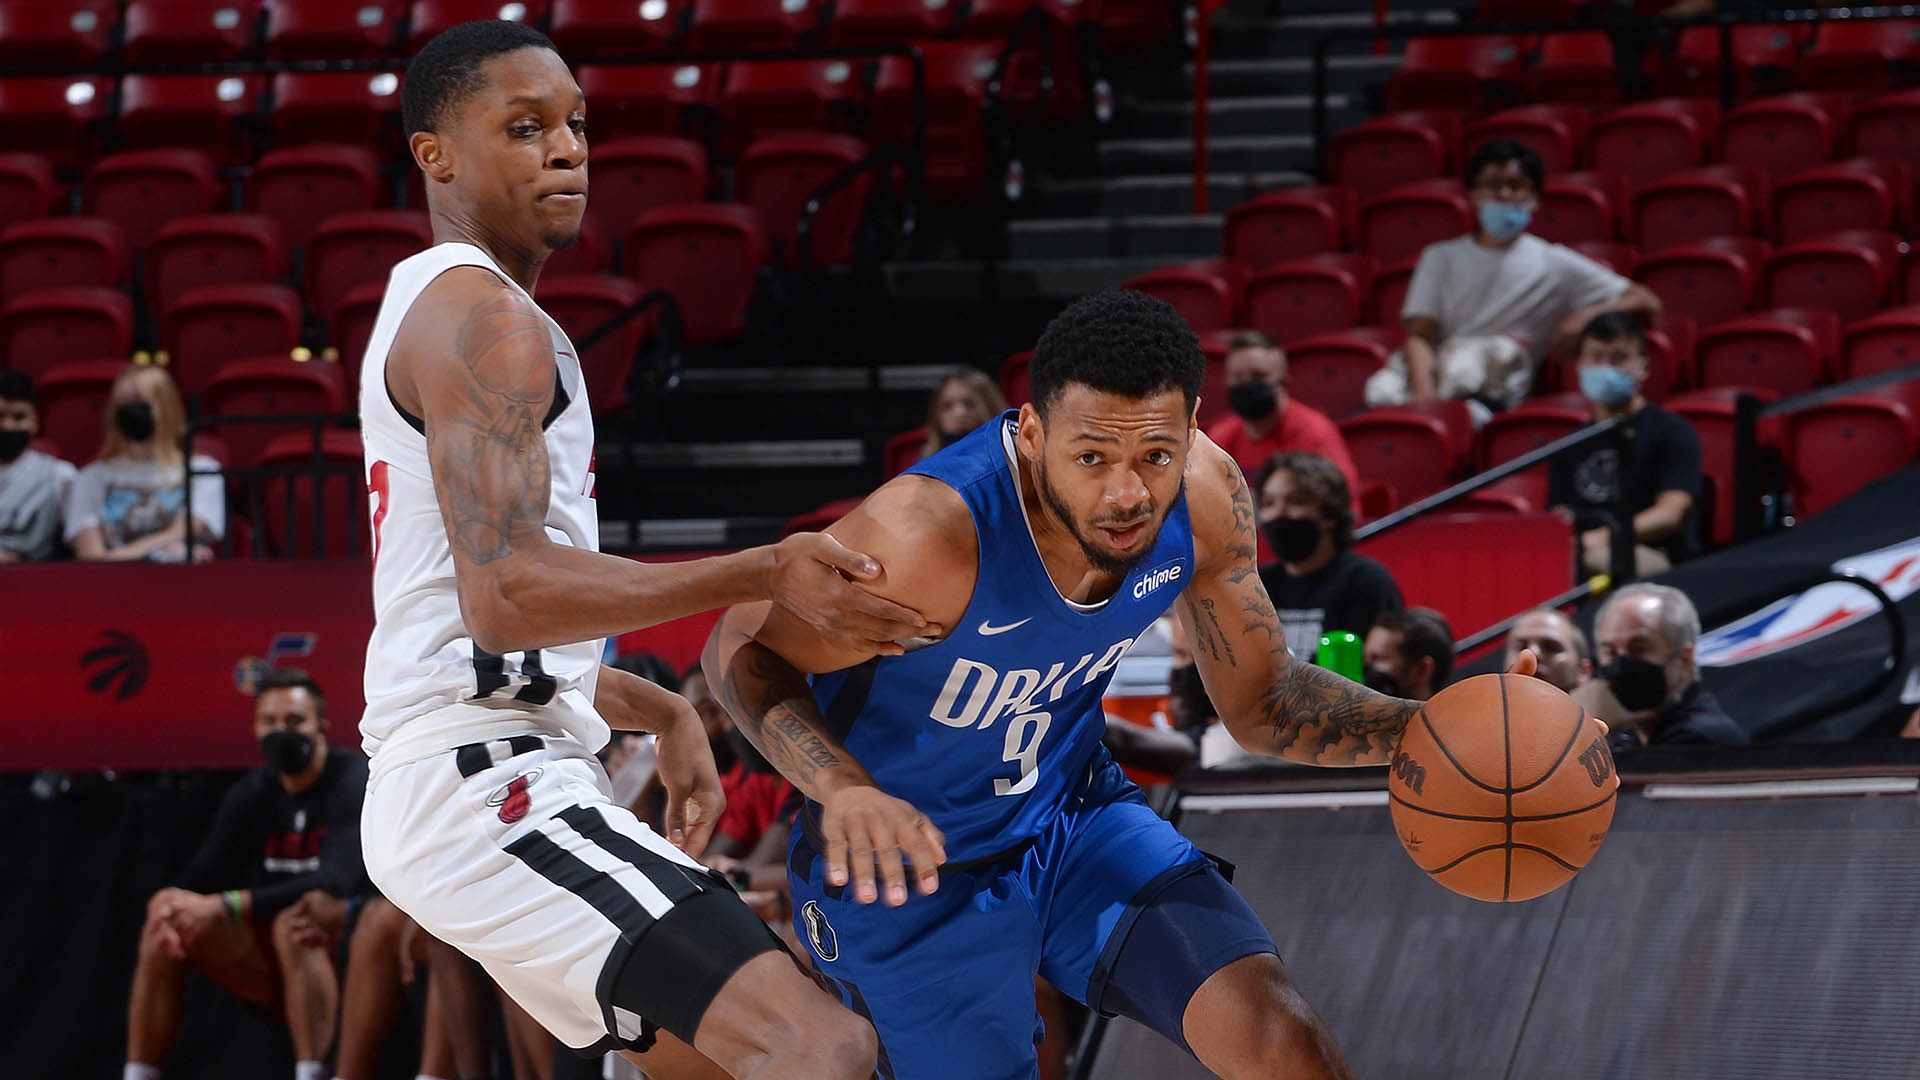 Las Vegas Summer League: Mavericks secure close win over Heat